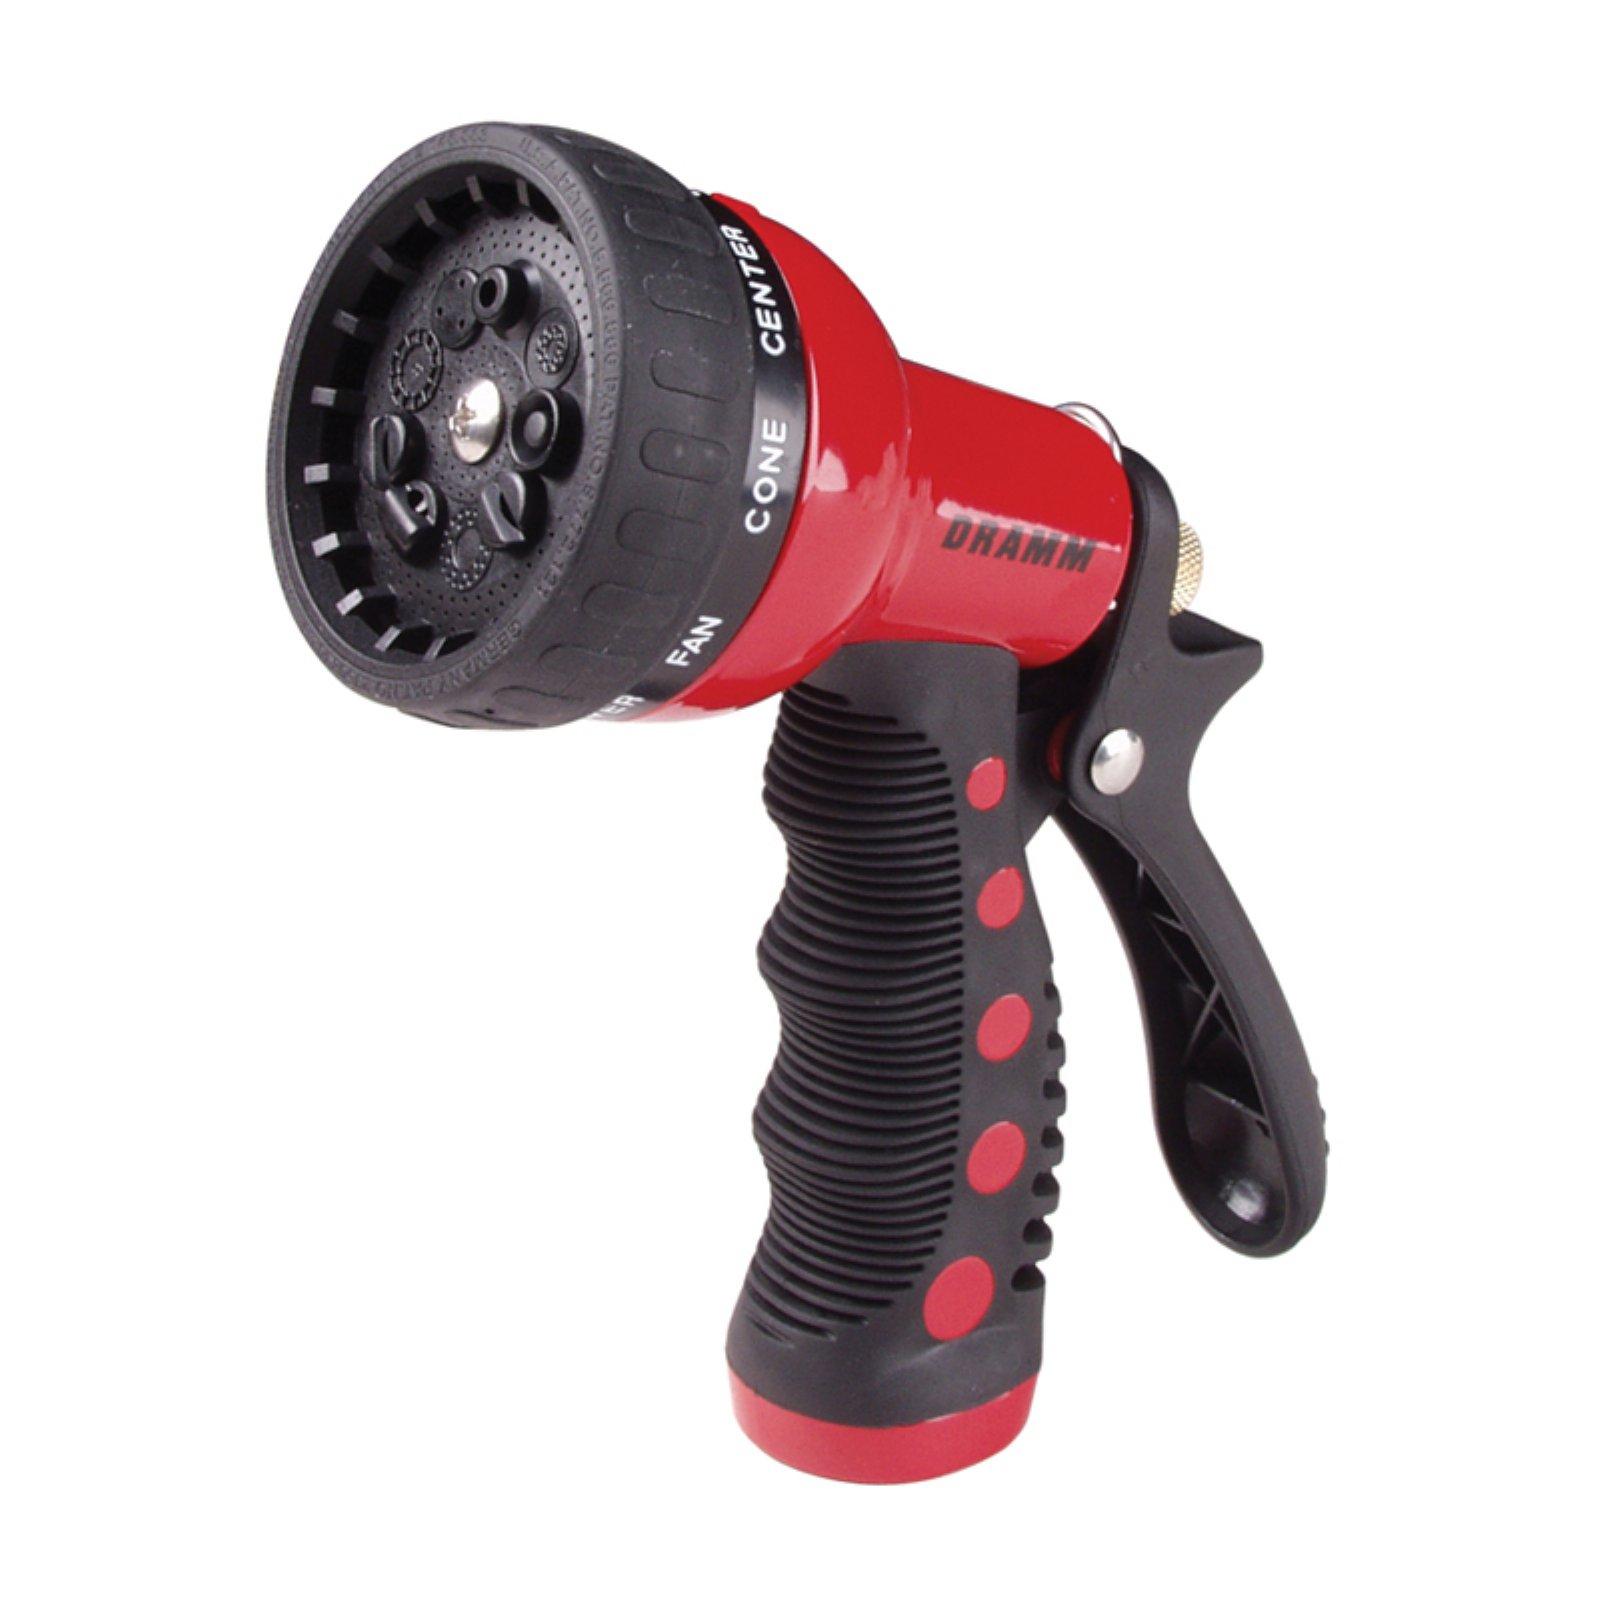 Dramm 9 Pattern Revolver Spray Gun Nozzle